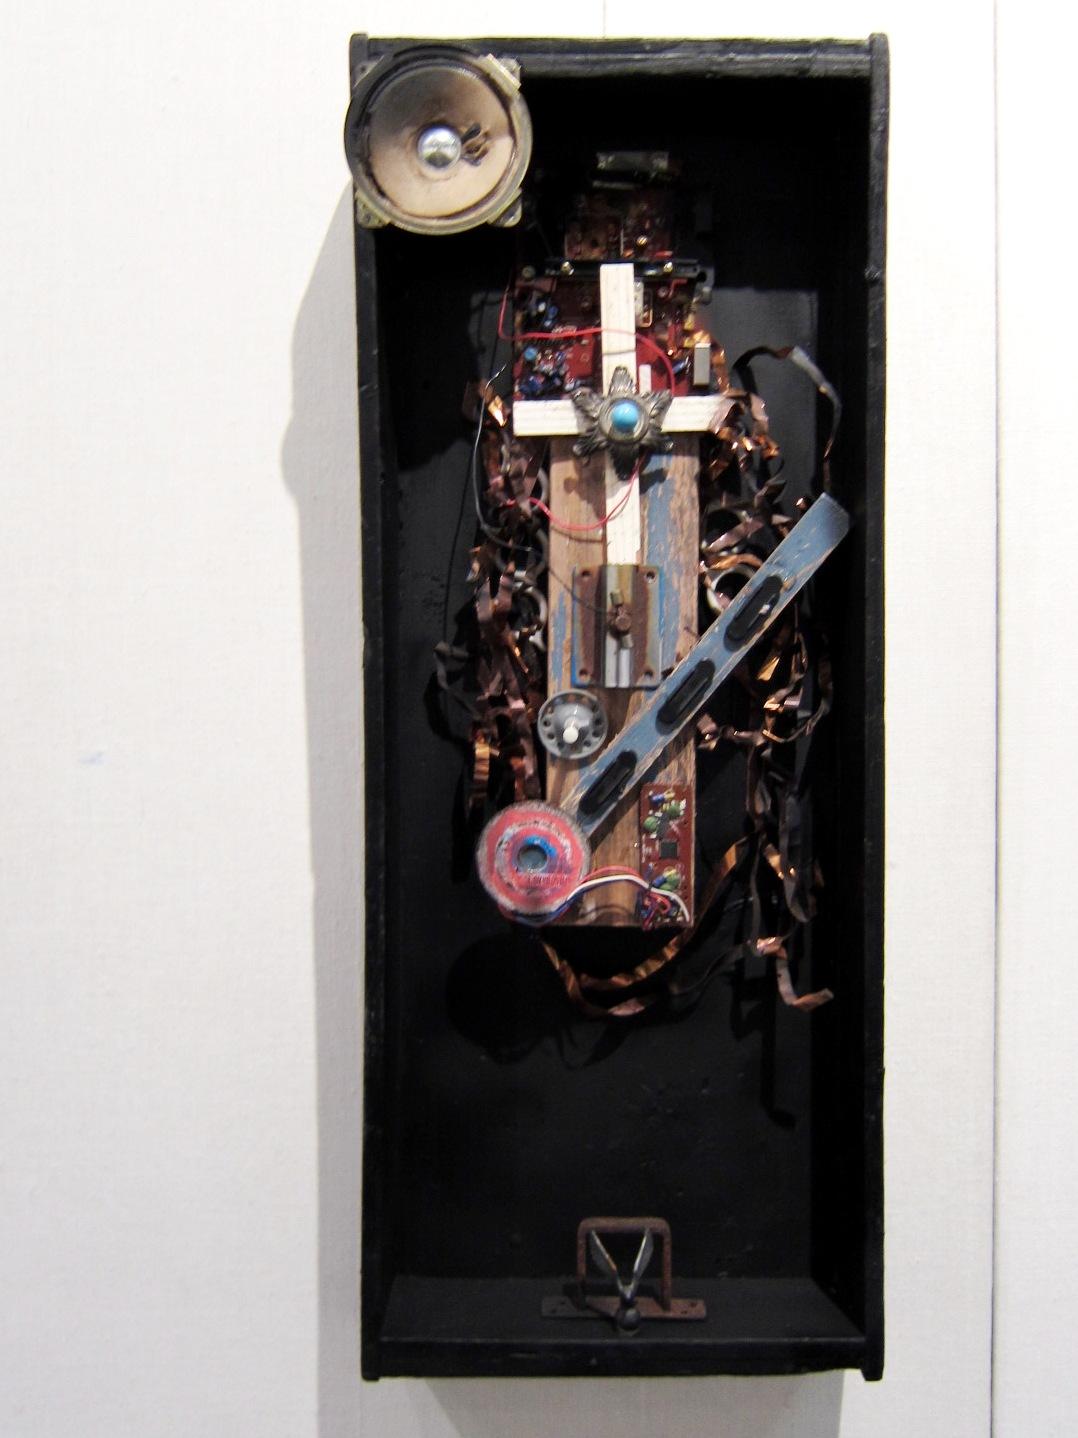 2156)「日本美術家連盟北海道地区 アーティストによる拡げる表現展」スカイ. 終了8月13日(火)~8月18日(日)_f0126829_12395654.jpg